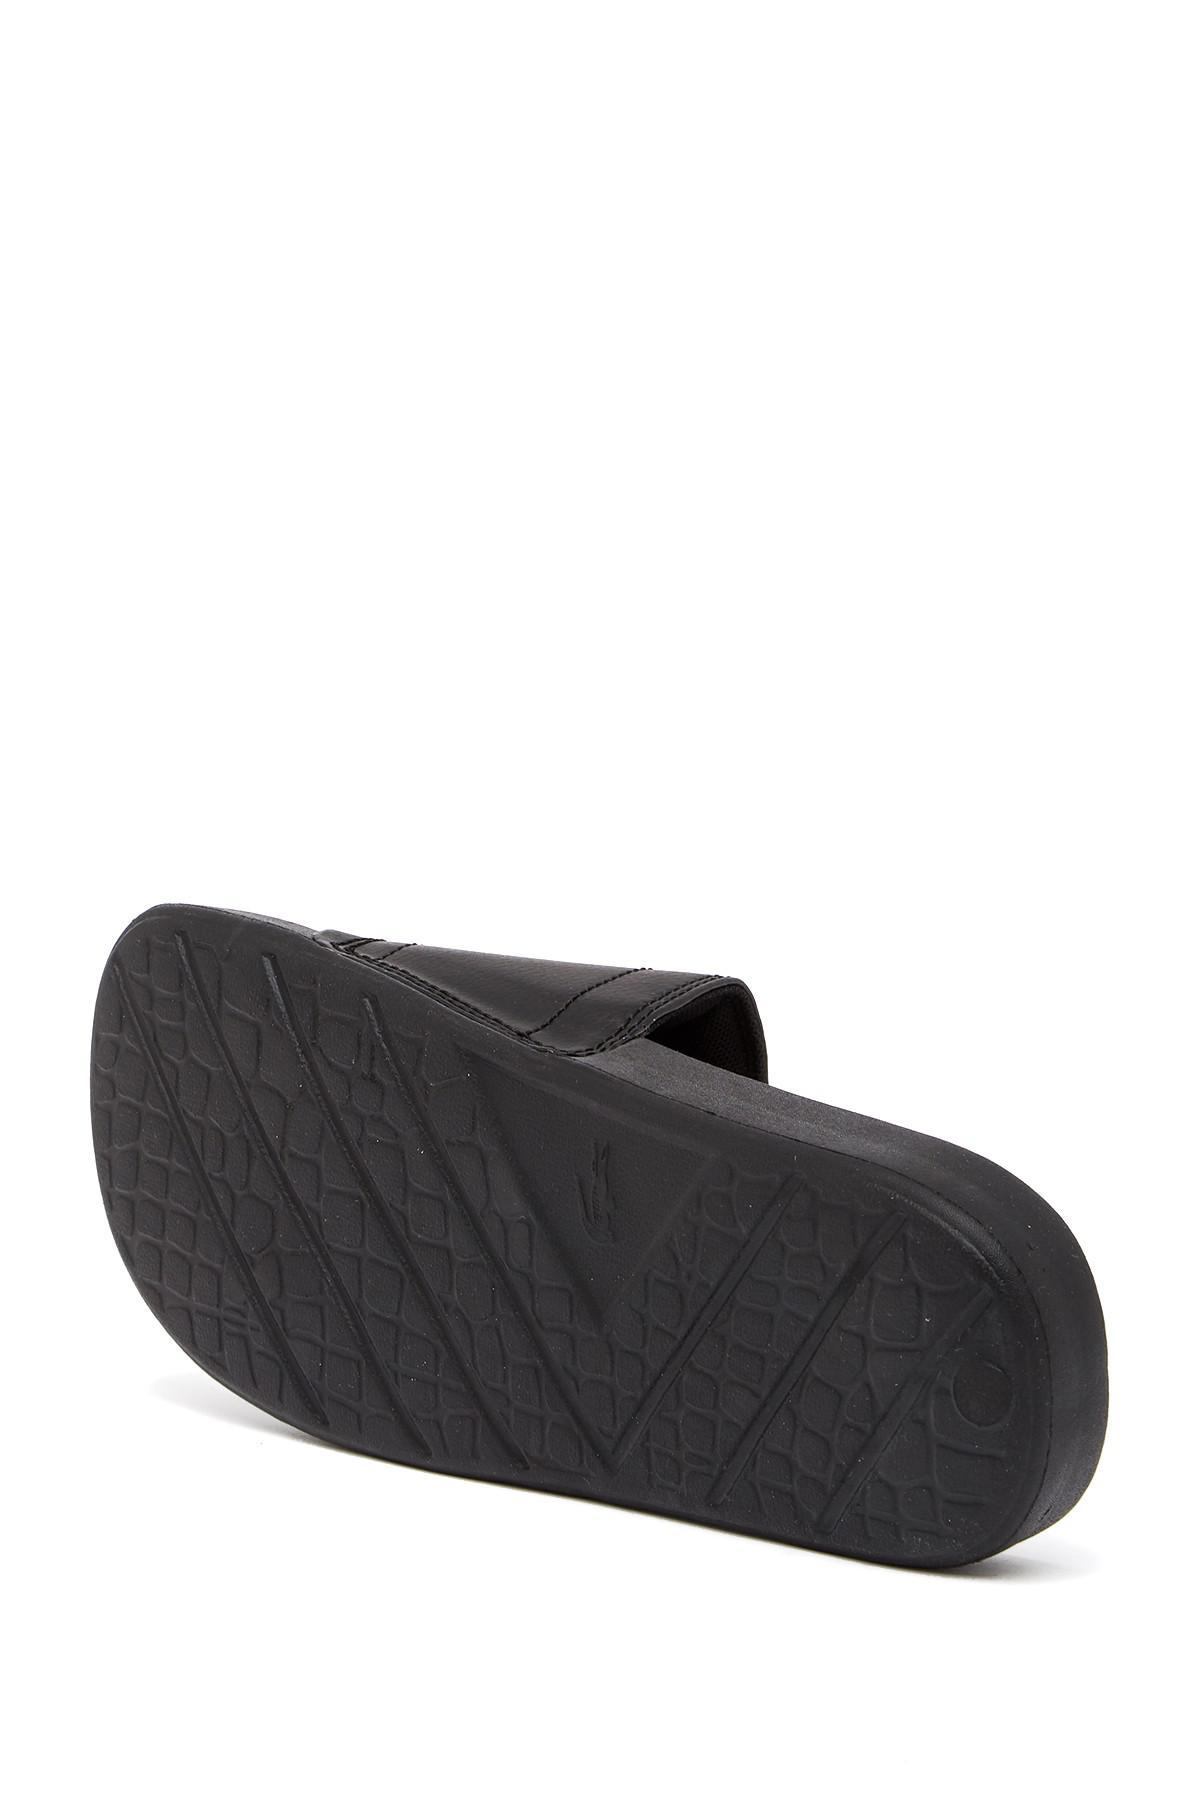 4e76941ee53f60 Lacoste - Fraisier 118 1 Us (green black) Men s Shoes for Men -. View  fullscreen